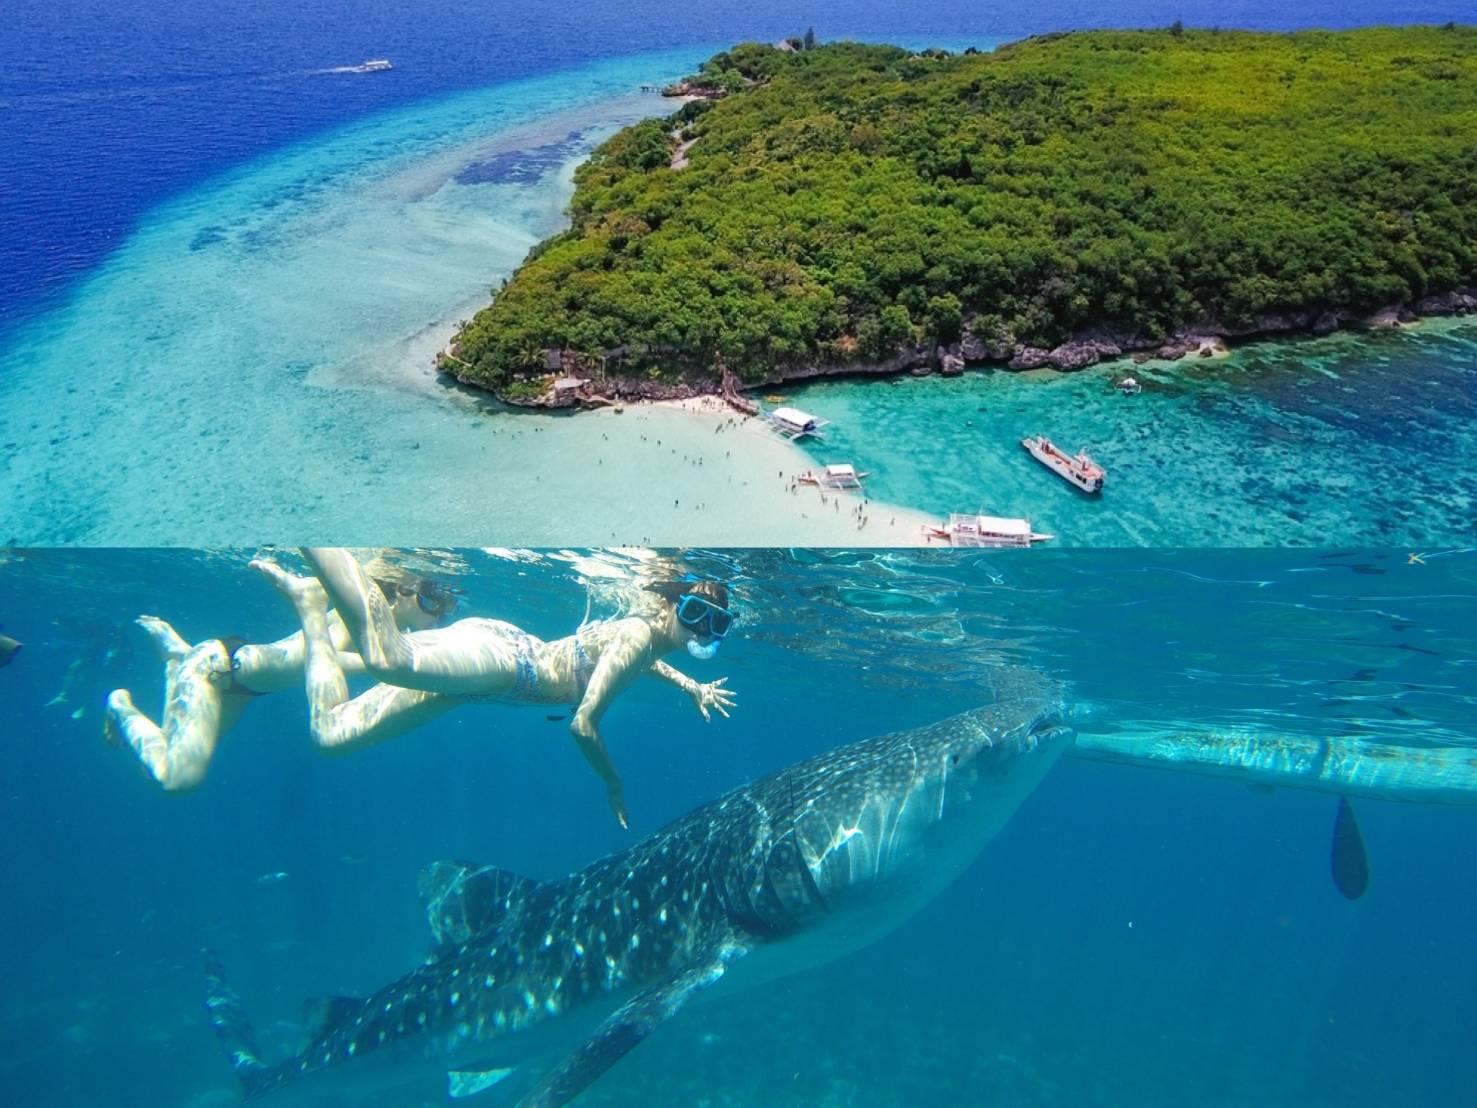 【セブ島満喫プラン】ジンベイザメと泳ぐ+スミロン島へのアイランドホッピングツアー